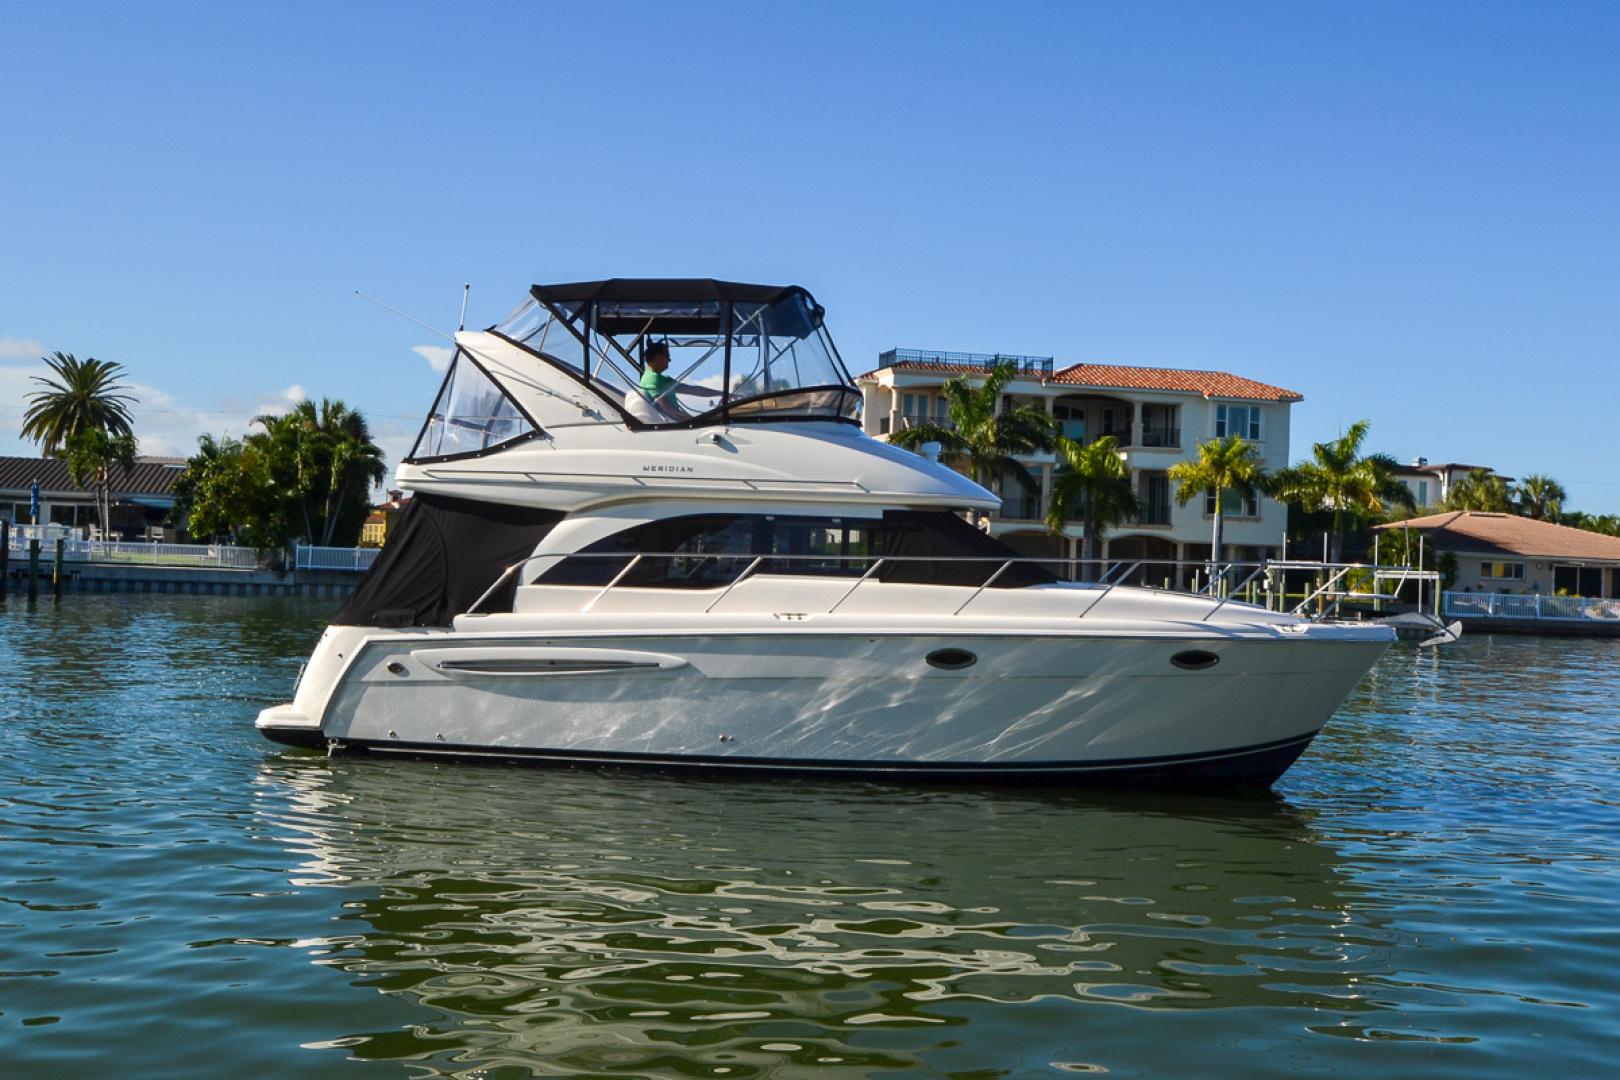 Meridian-341 Sedan 2004-Sea Harmony Belleair Beach-Florida-United States-1496602 | Thumbnail